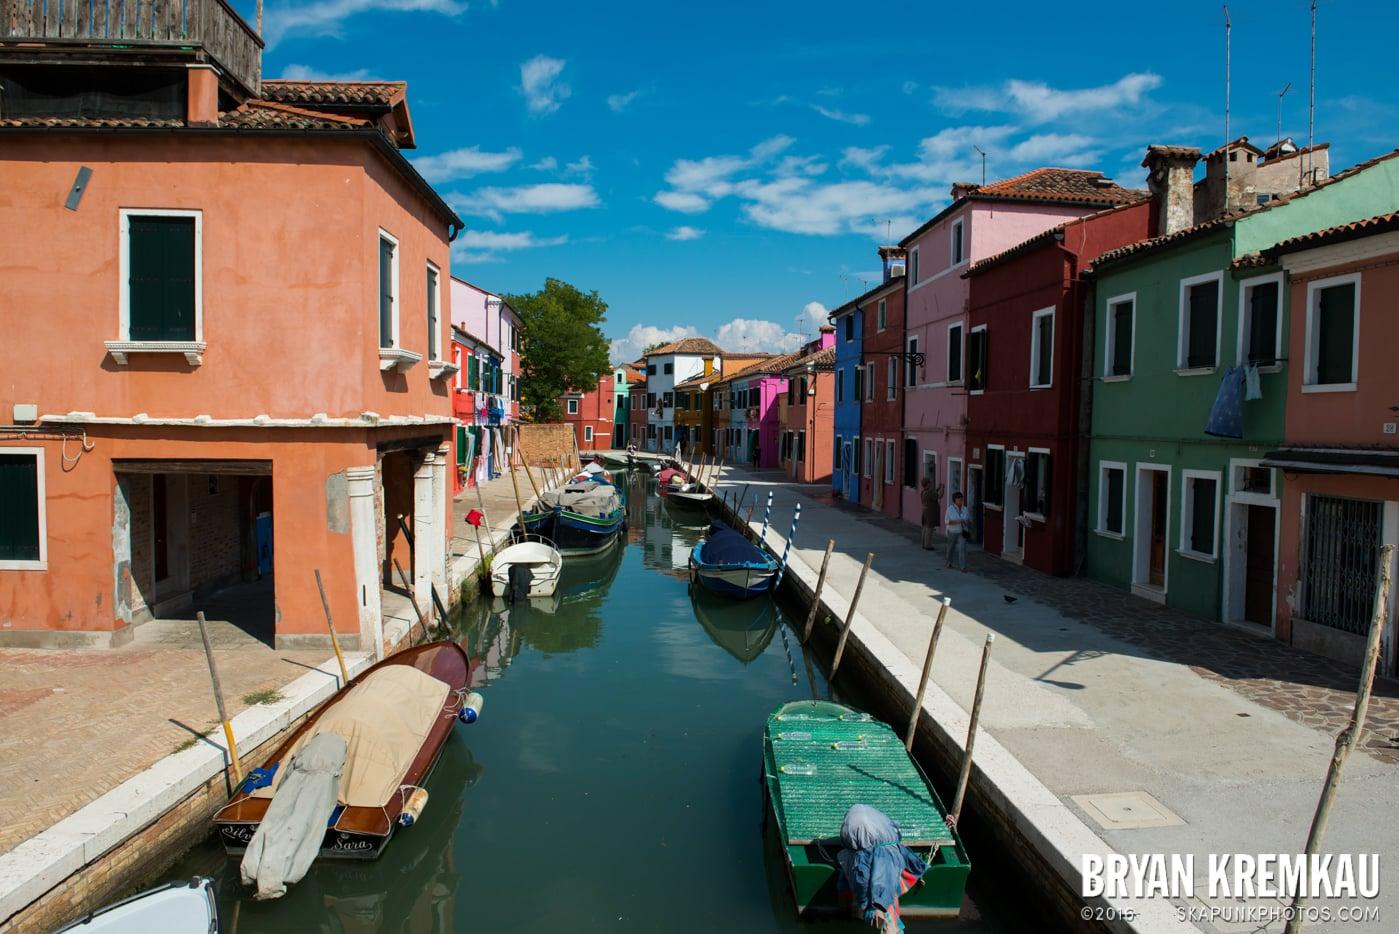 Italy Vacation - Day 6: Murano, Burano, Venice - 9.14.13 (52)